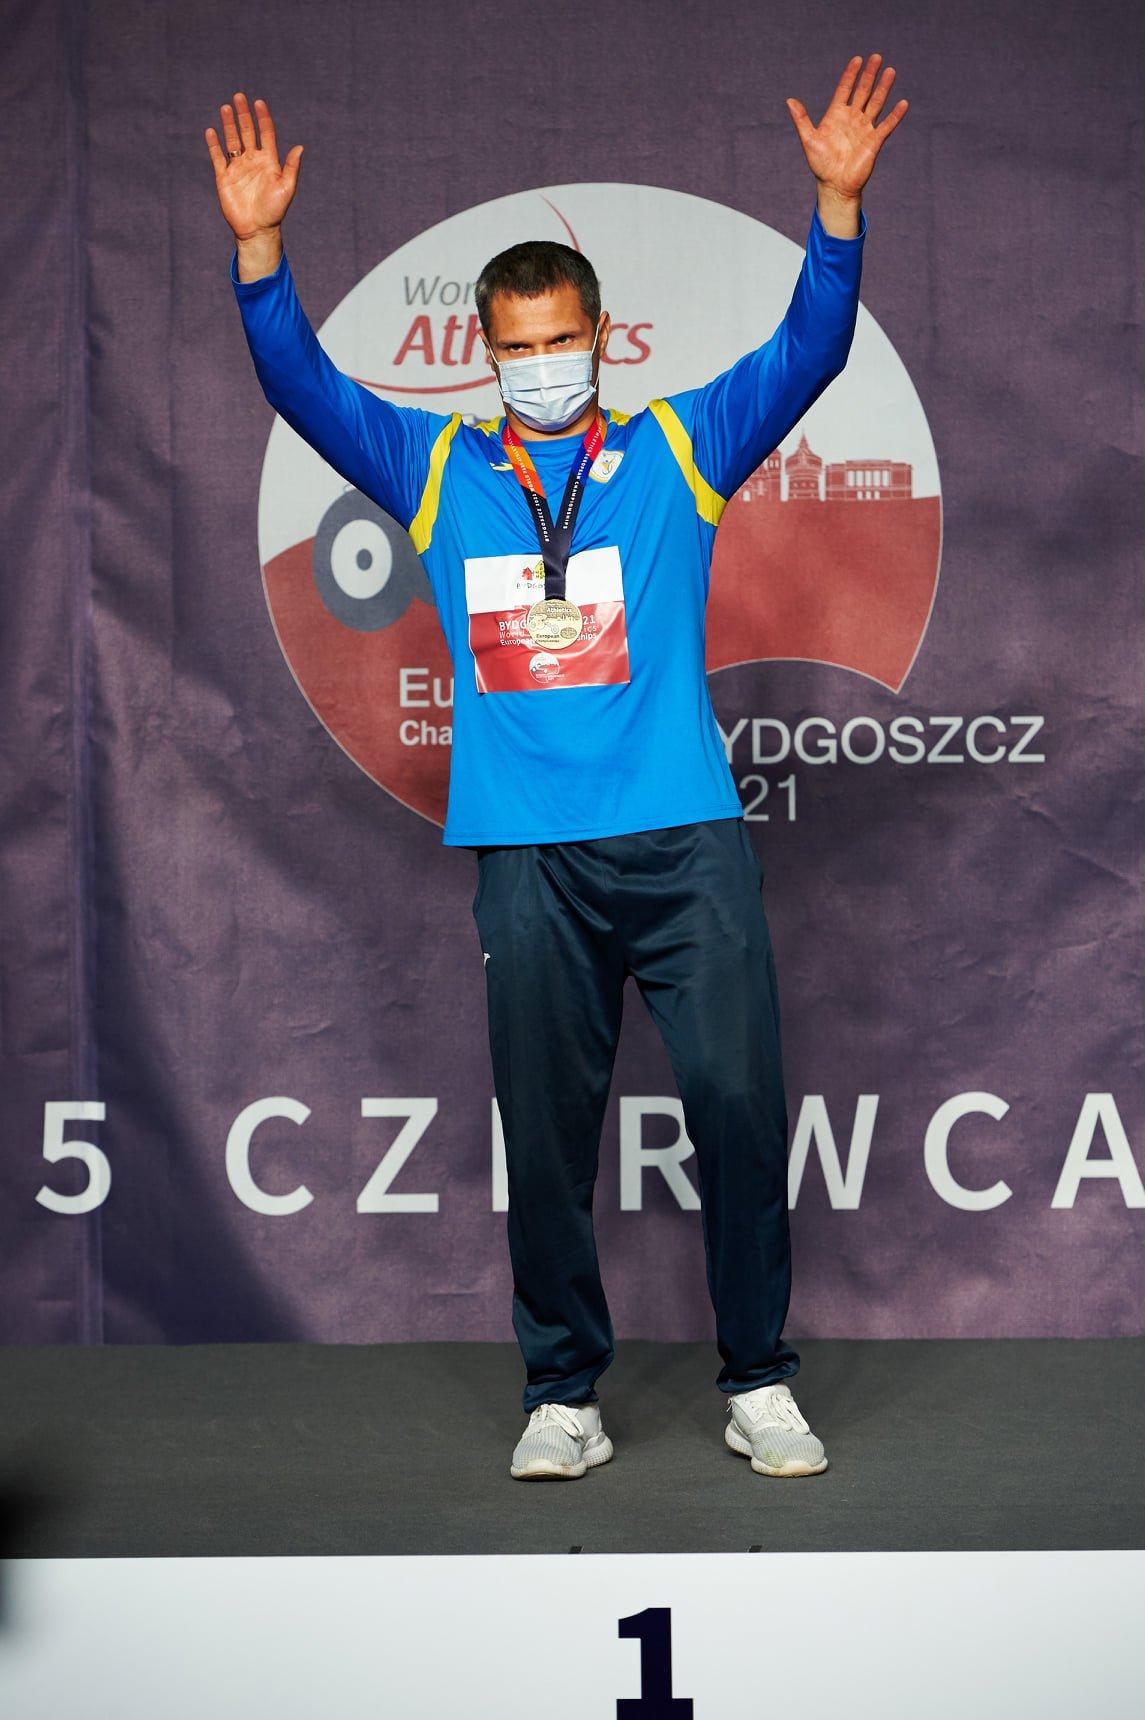 Рівненський спортсмен підкорив Європу на змаганнях з легкої атлетики, фото-3